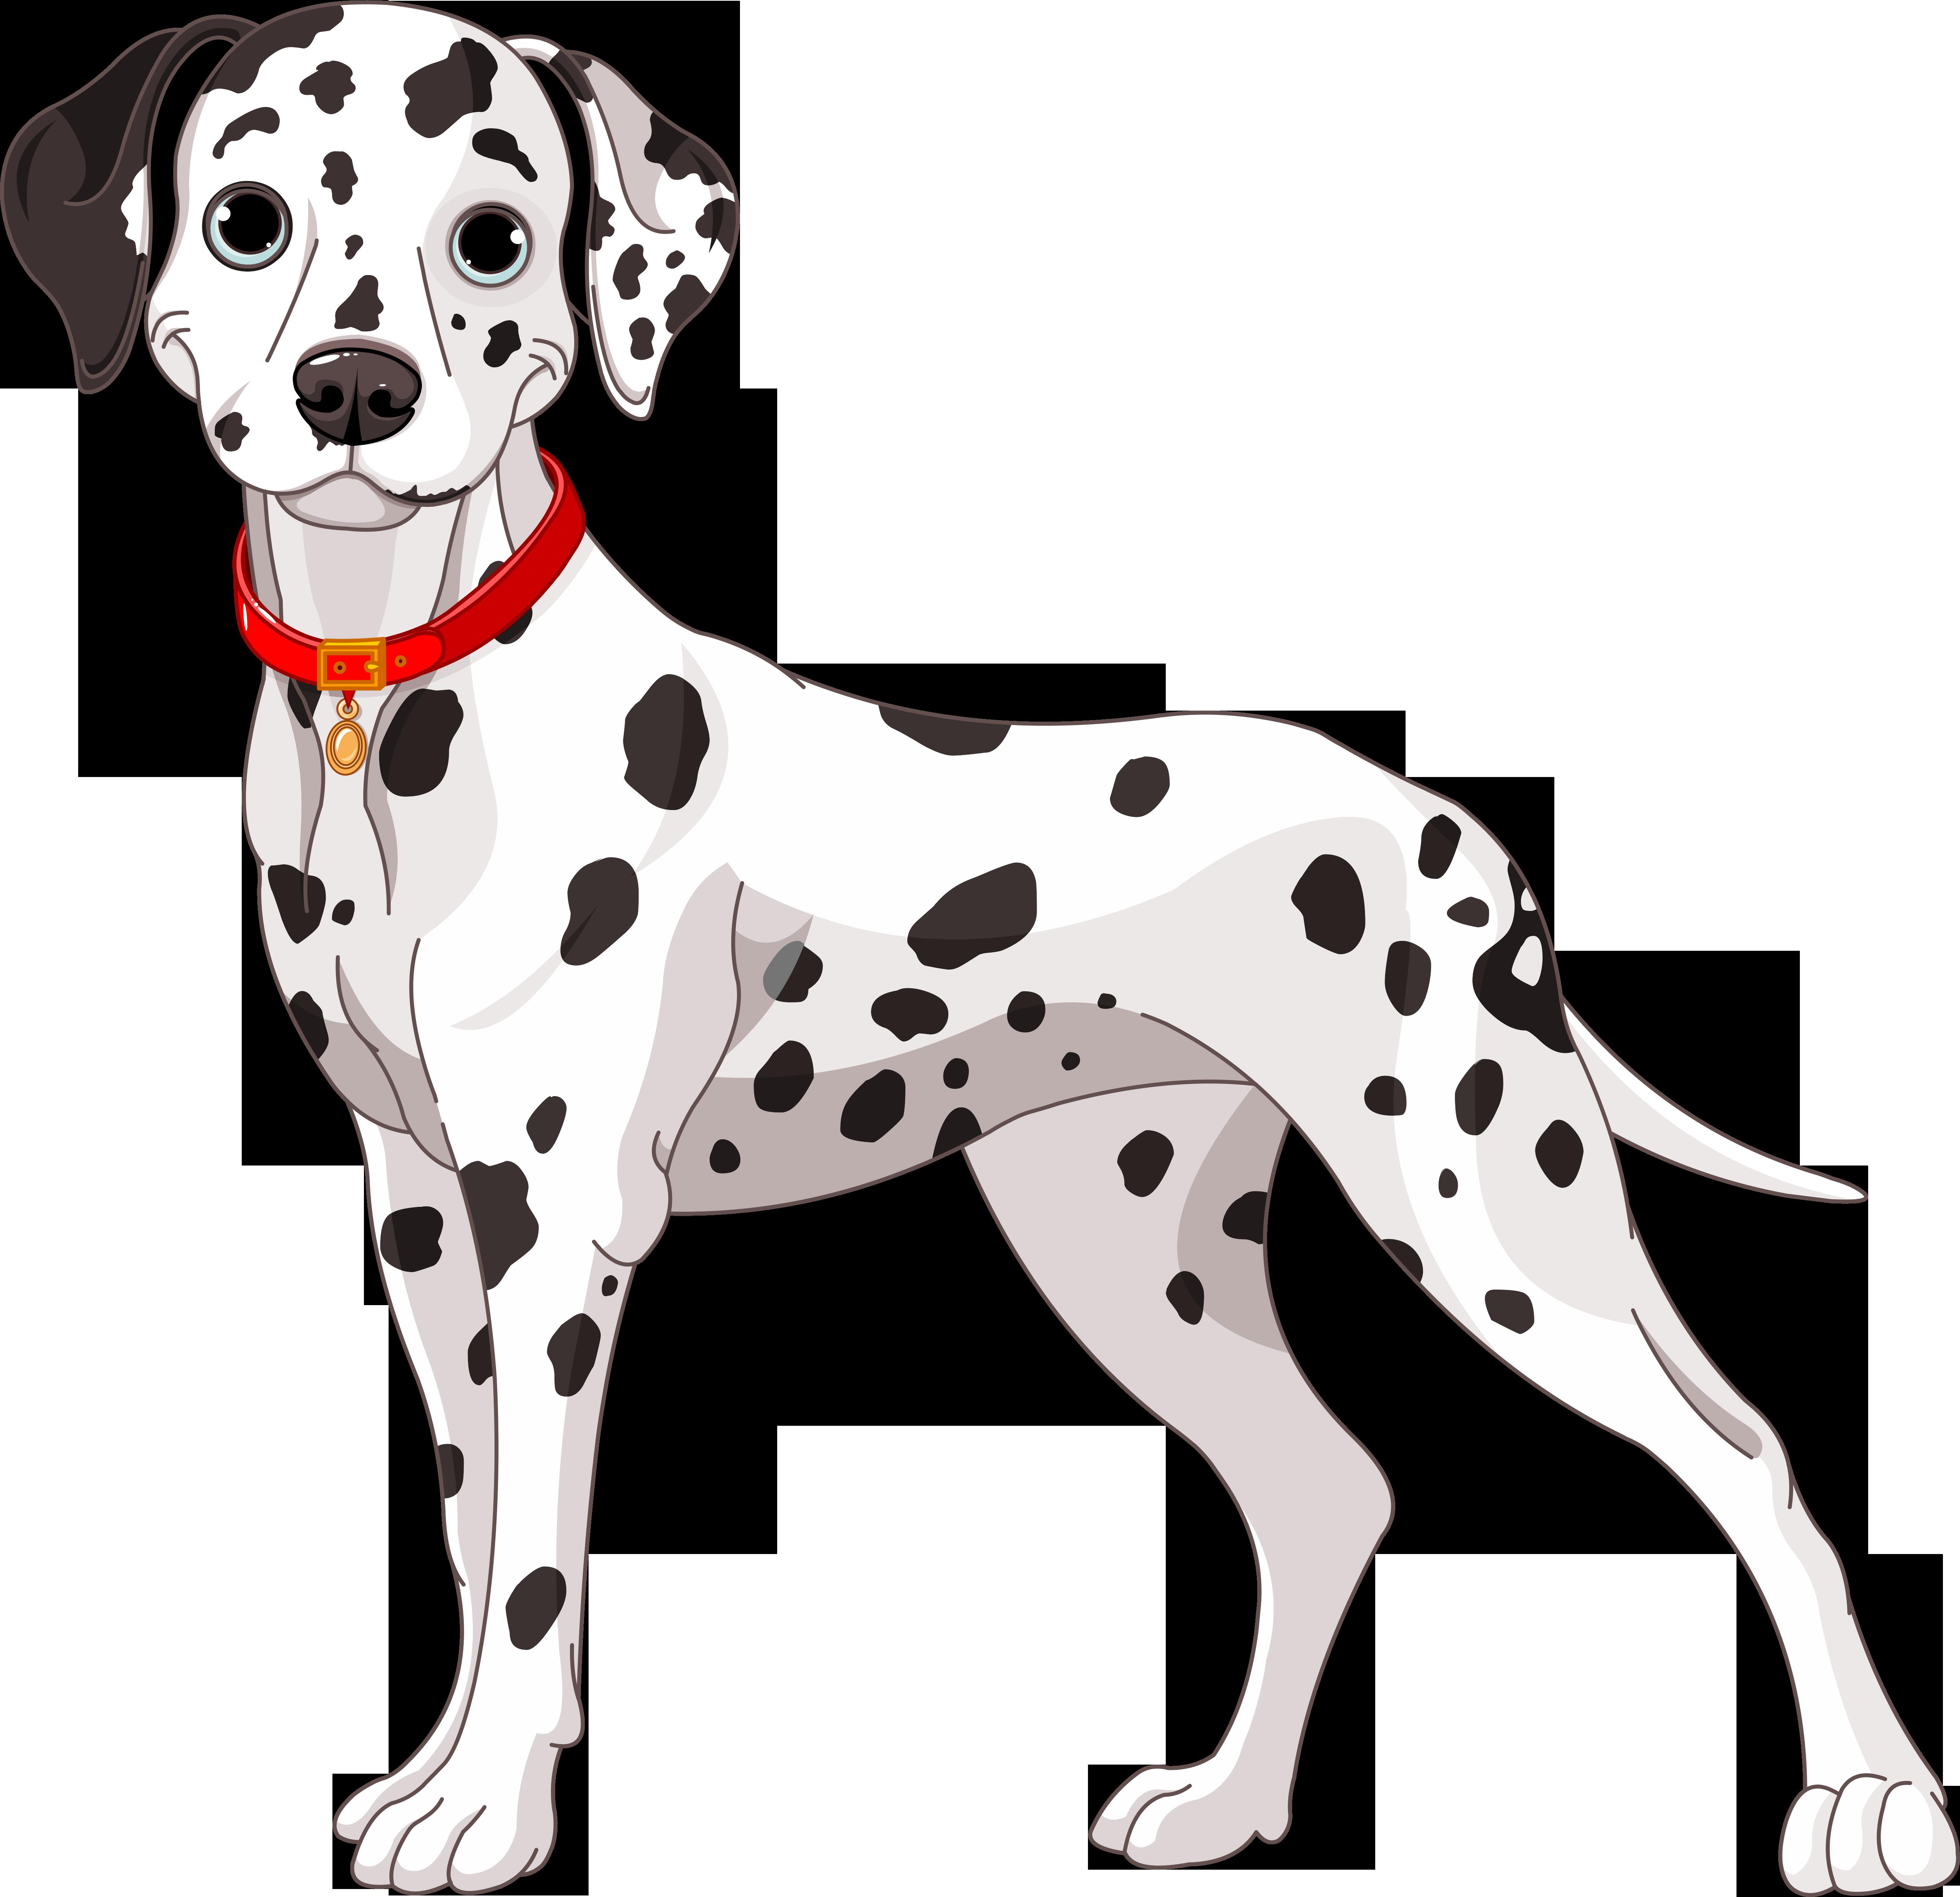 Pitbull clipart spotted dog. Img fotki yandex ru